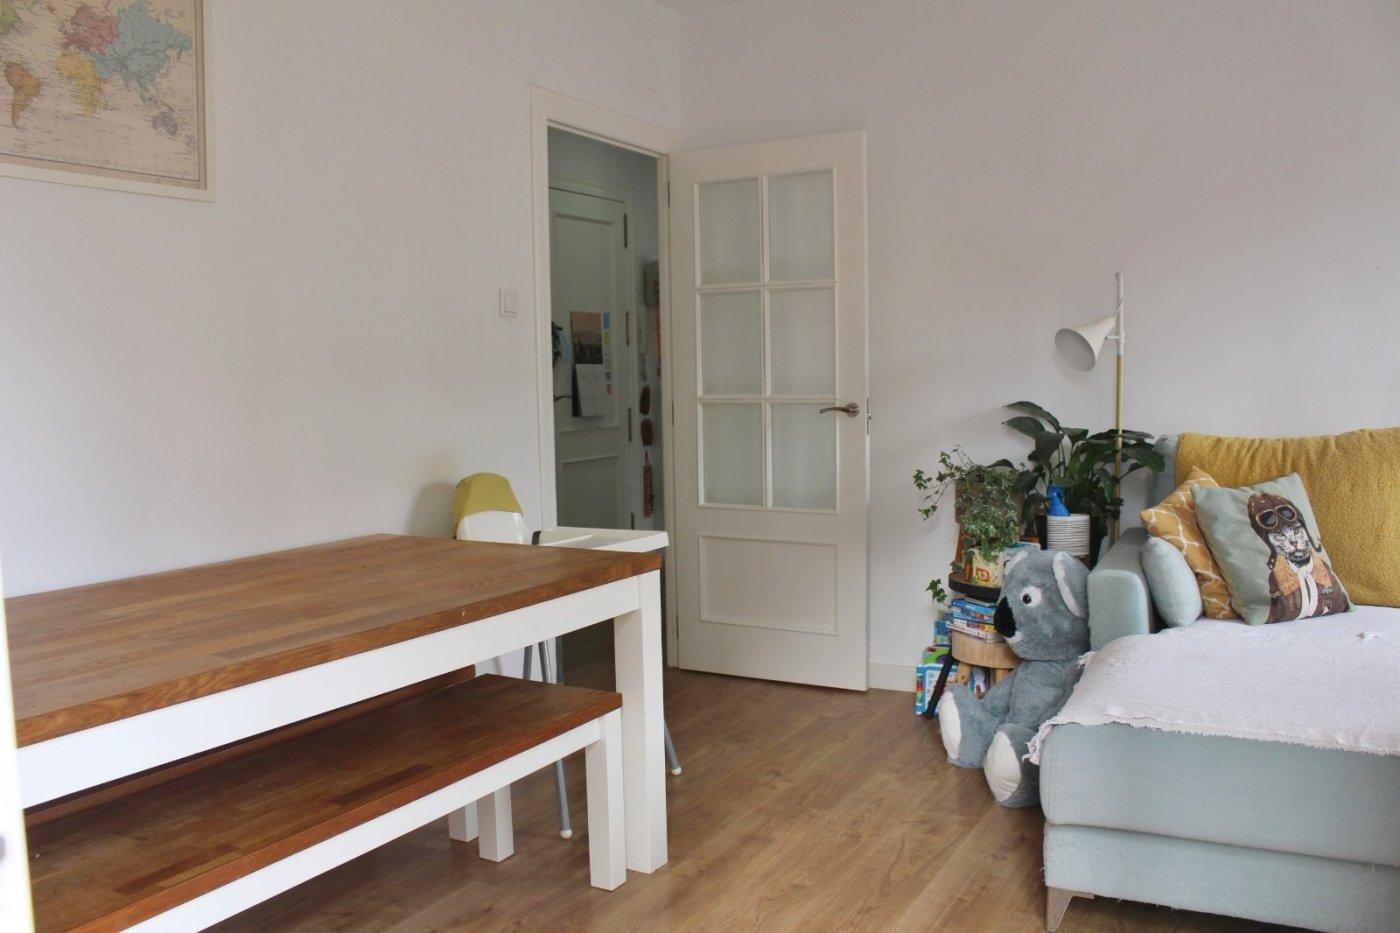 Moderno piso con balcón en espinardo - imagenInmueble9